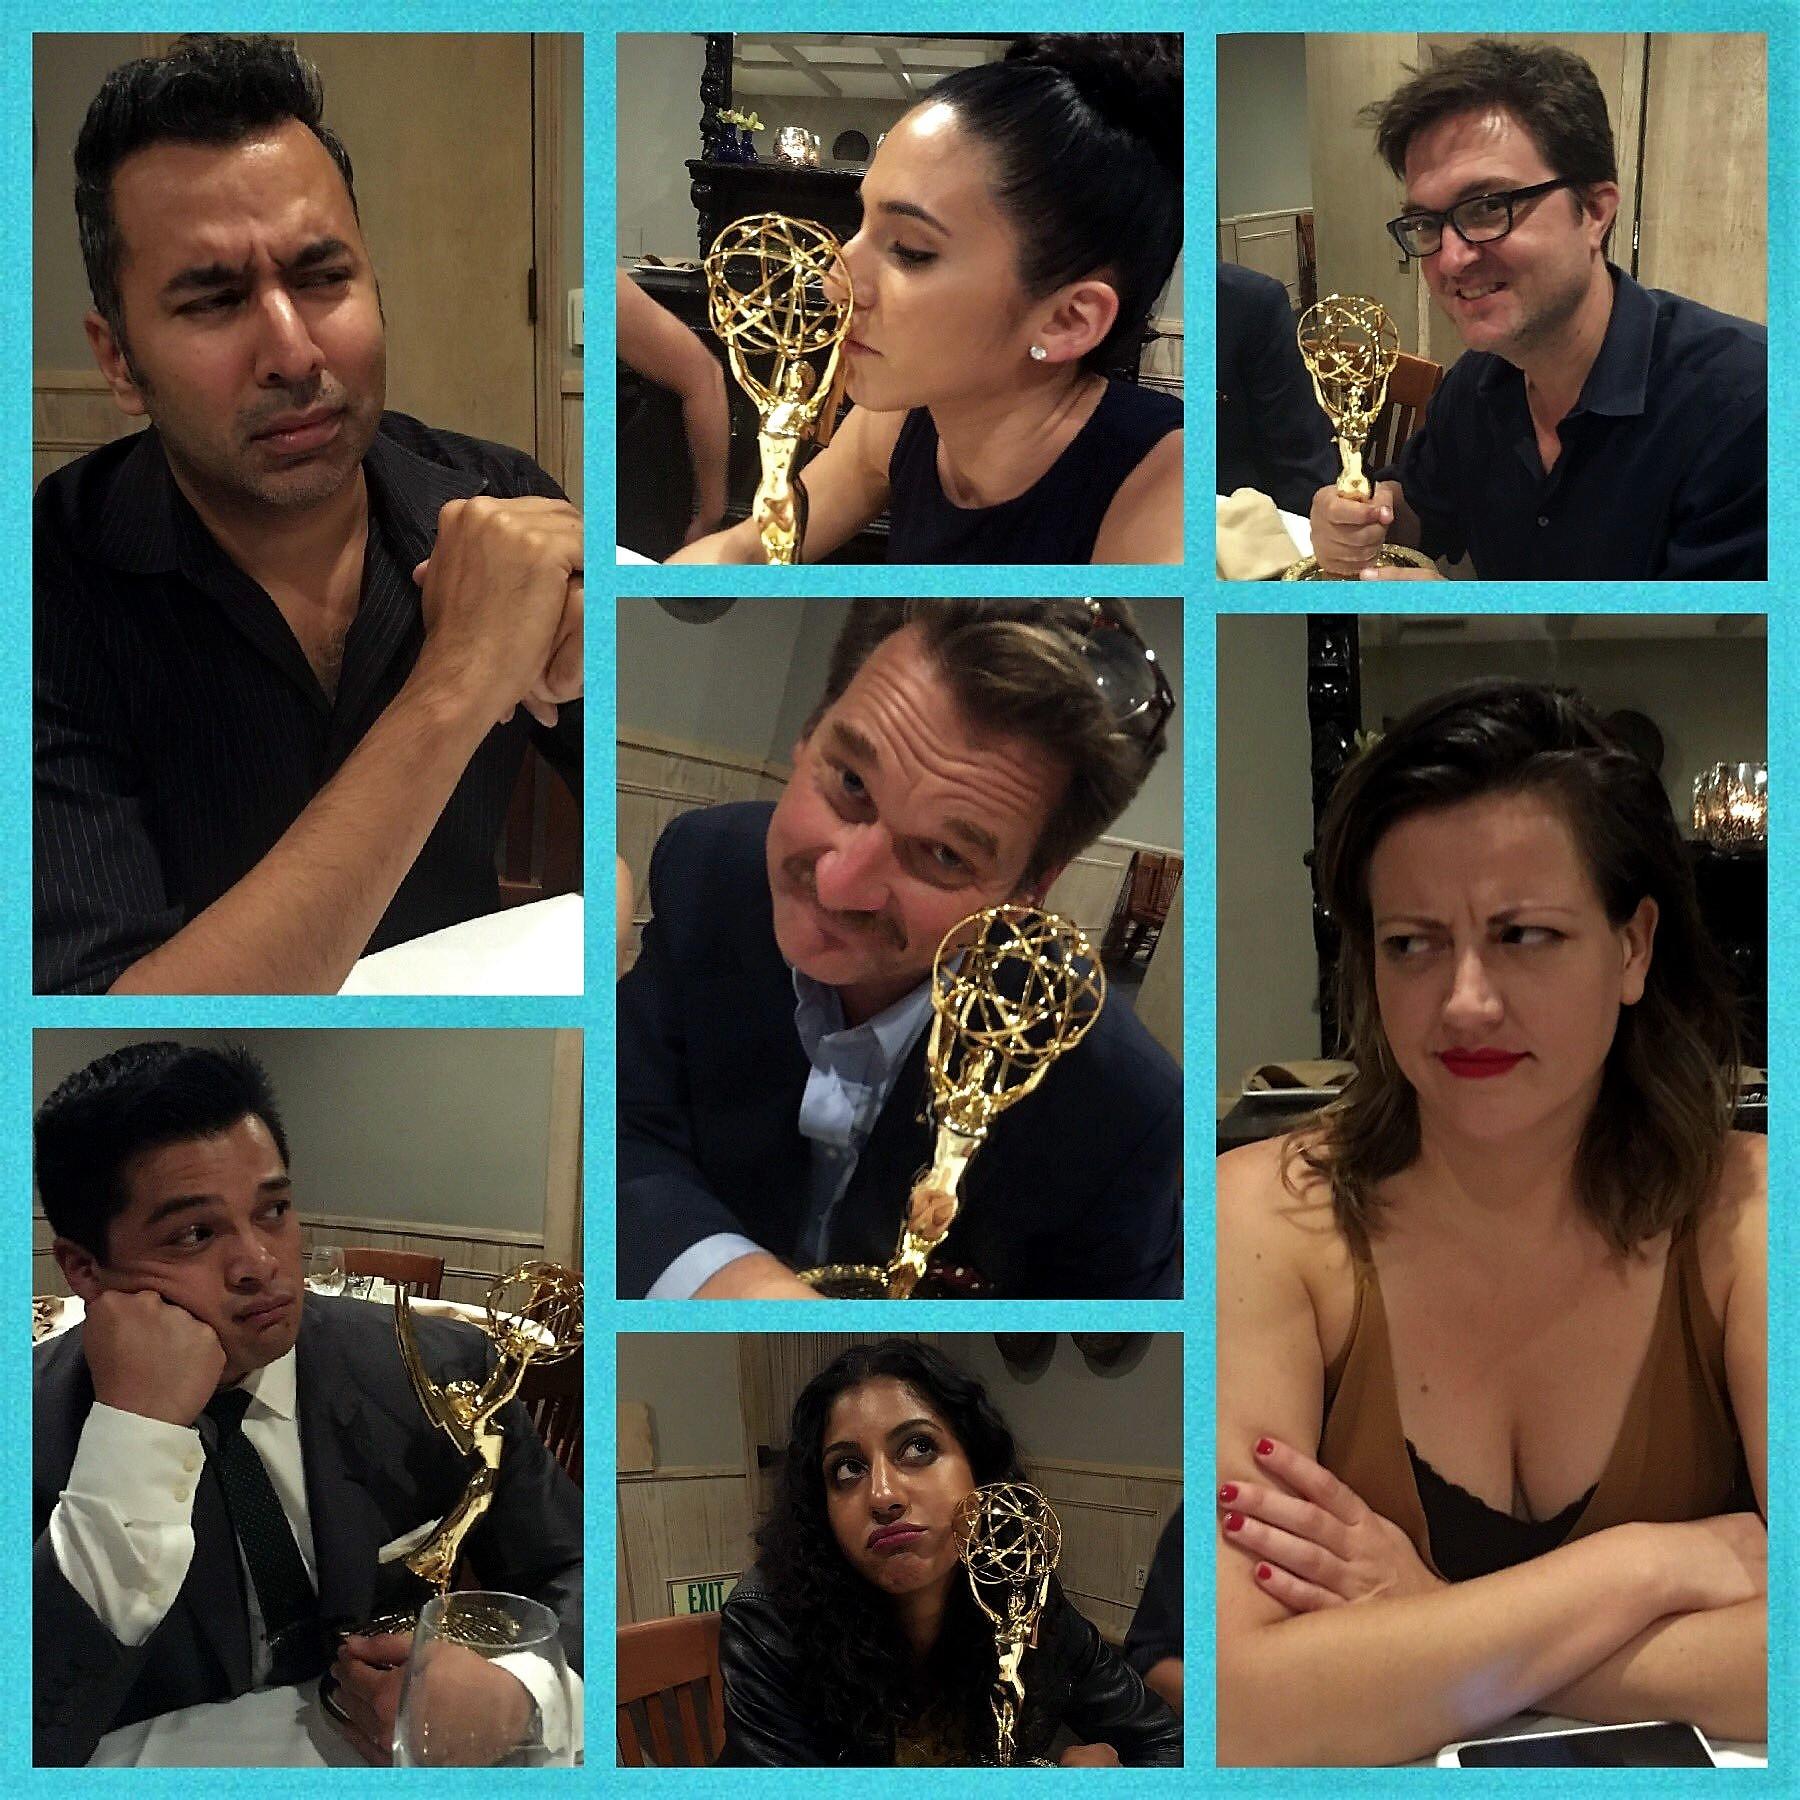 Pete Gardner, Kabir Akhtar, Paul Hewitt, Kathryn Burns, Vincent Rodriguez III, Gabrielle Ruiz, and Vella Lovell